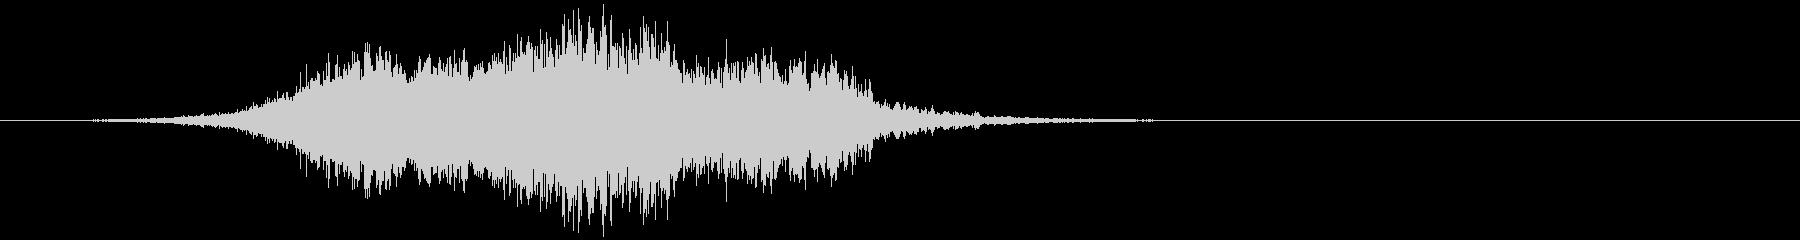 【ホラー】SFX_53 恐怖の音の未再生の波形